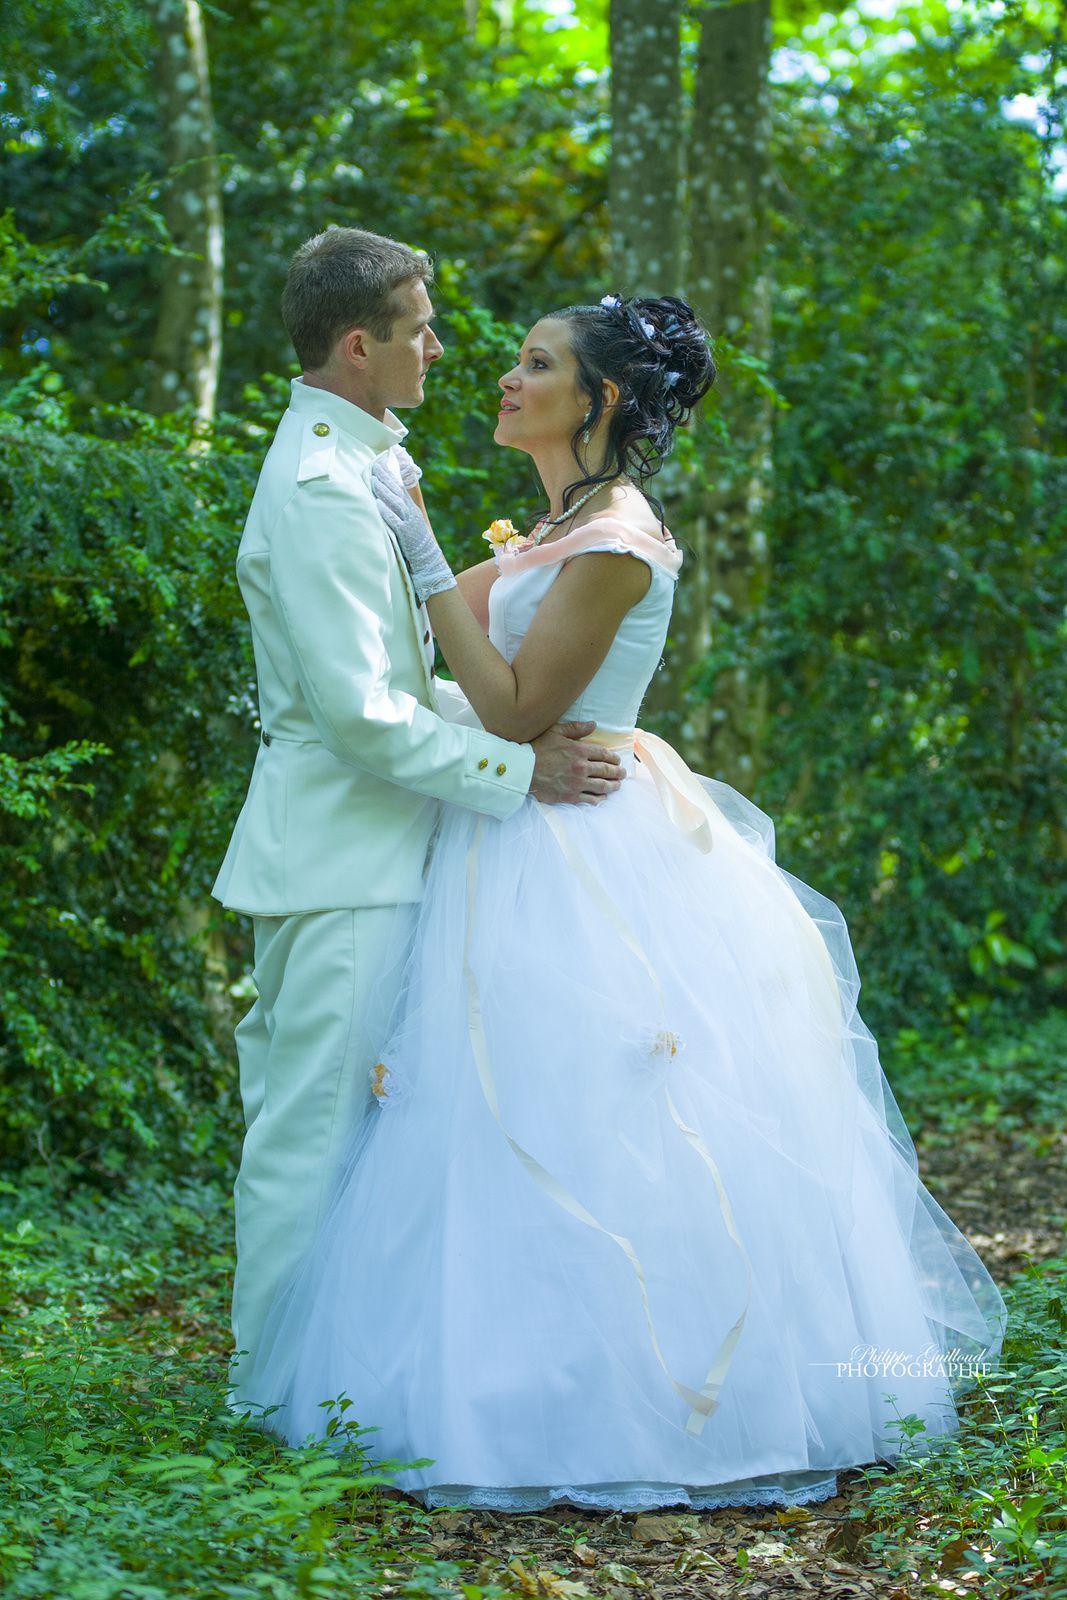 shooting: mon mariage (anna karenine)